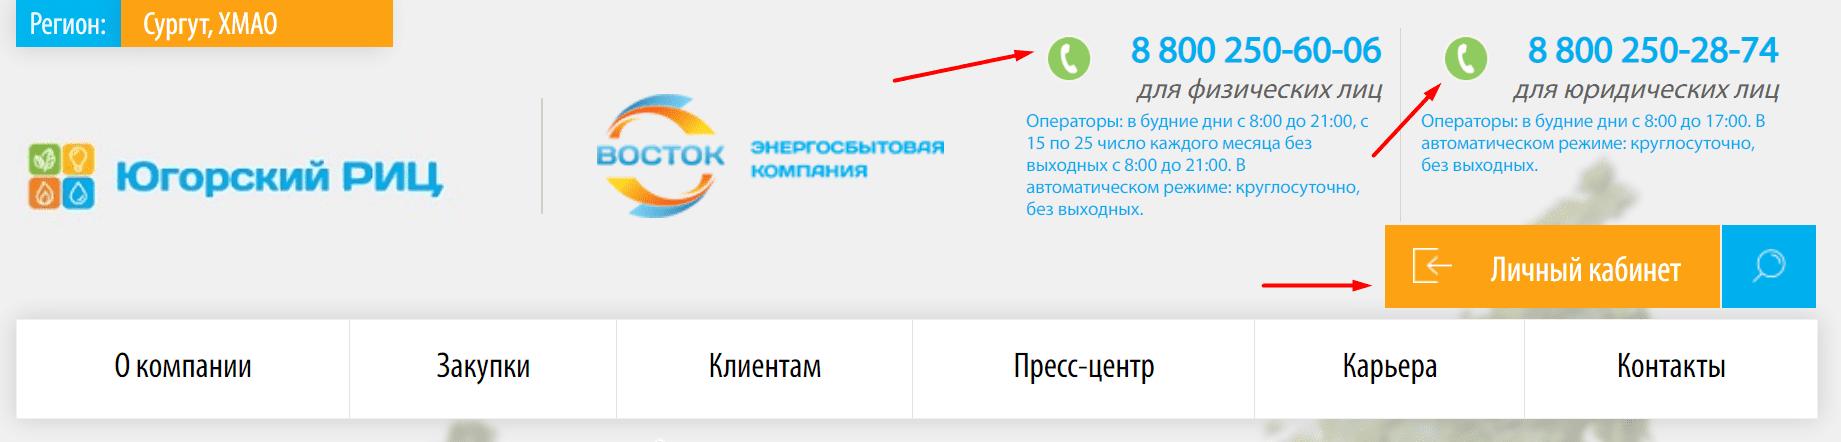 """Сайт энергосбытового общества """"Югорский РИЦ"""""""